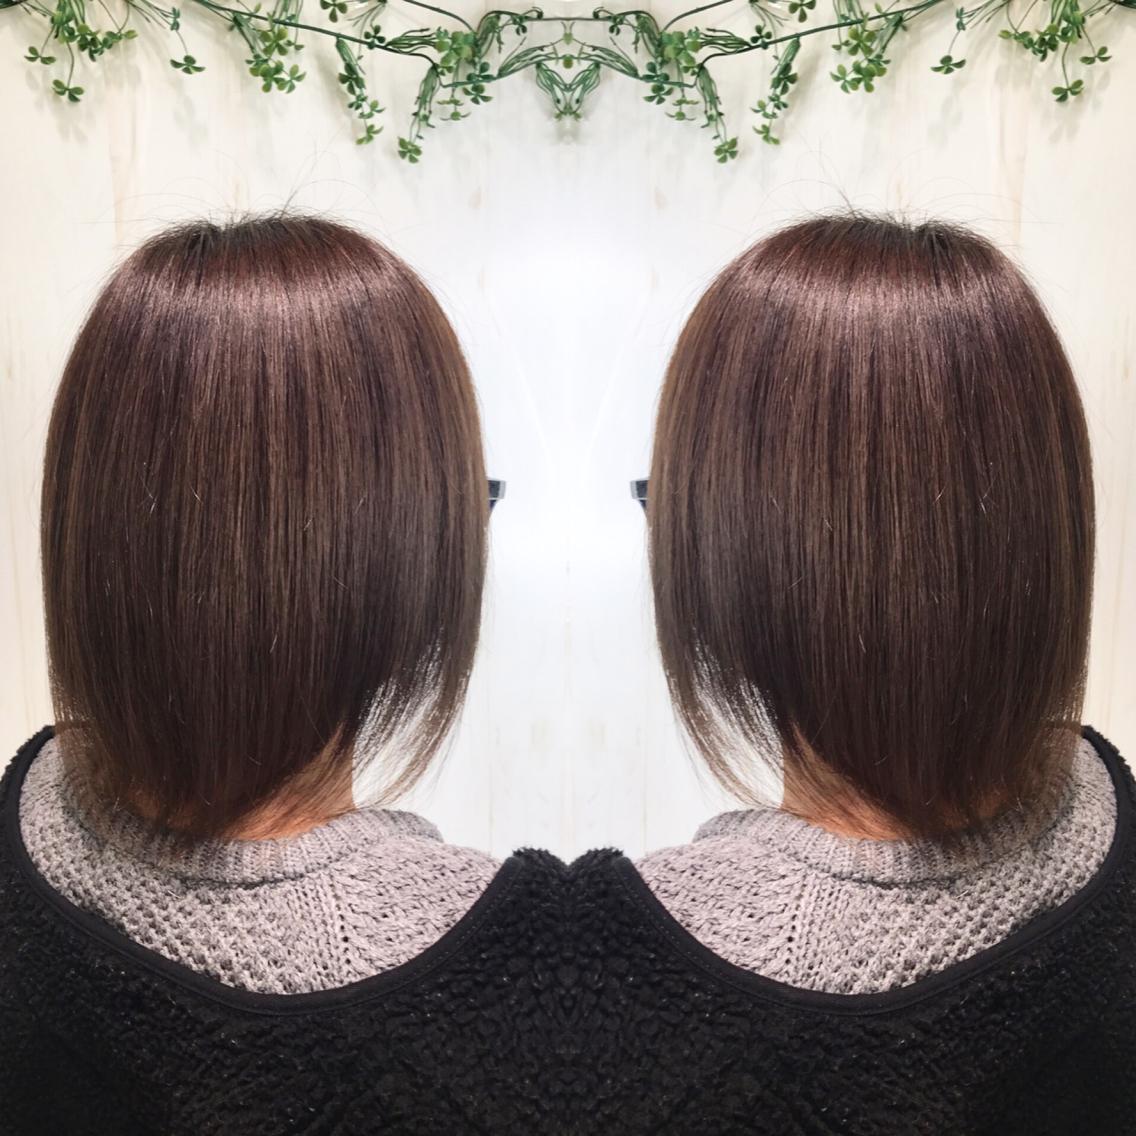 #ミディアム #パーマ 髪を綺麗に伸ばしたい方へ…プレミアム縮毛でサラツヤな髪へ💇✨